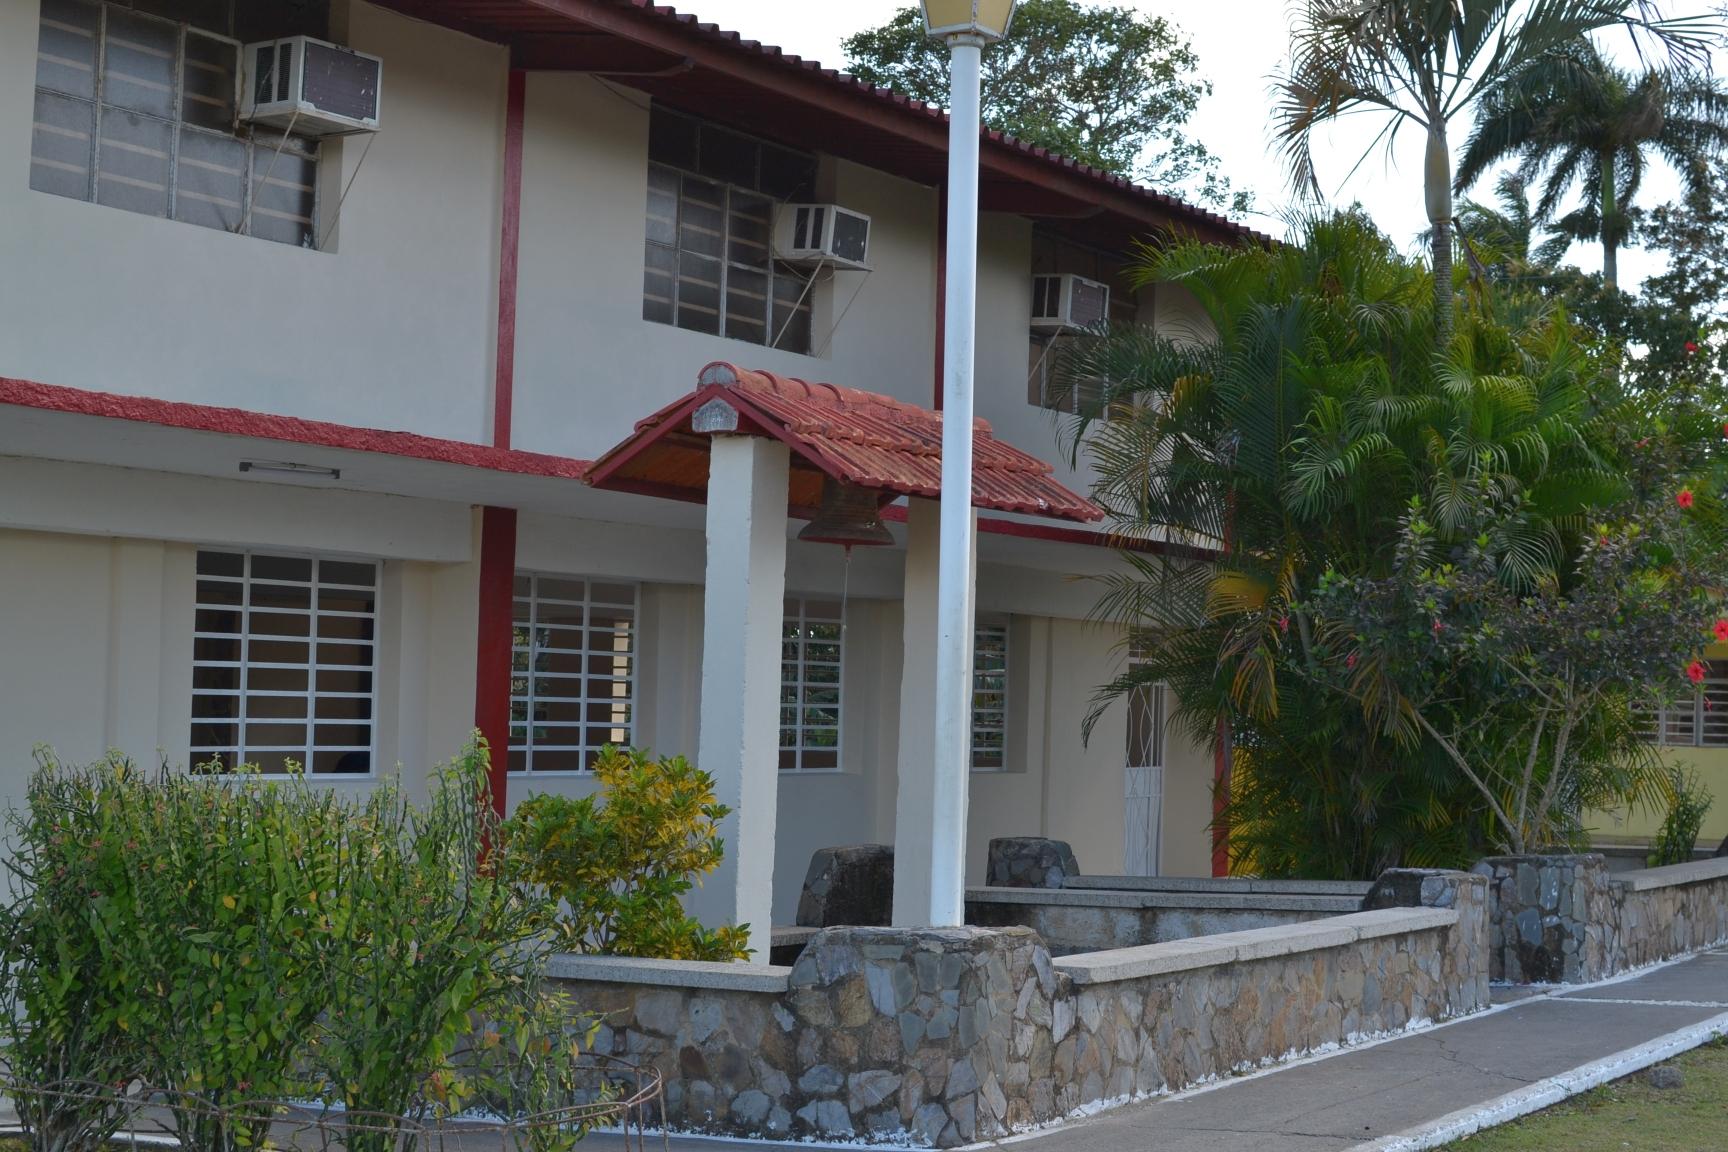 Cedars of Lebanon Seminary - Cuba